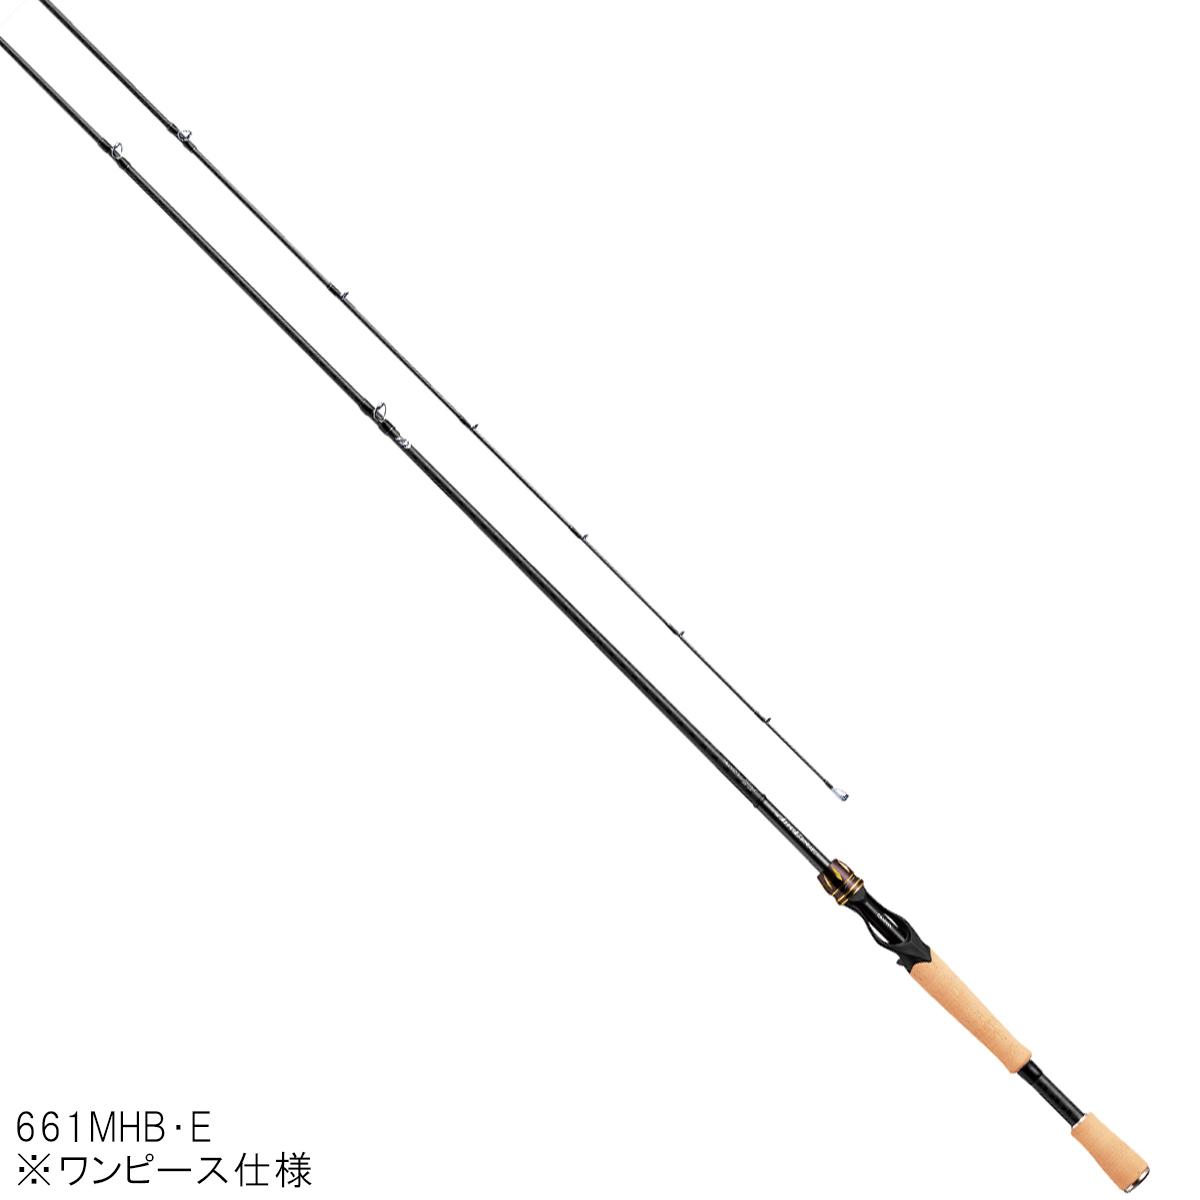 ダイワ エアエッジ ベイトキャスティングモデル 661MHB・E【大型商品】